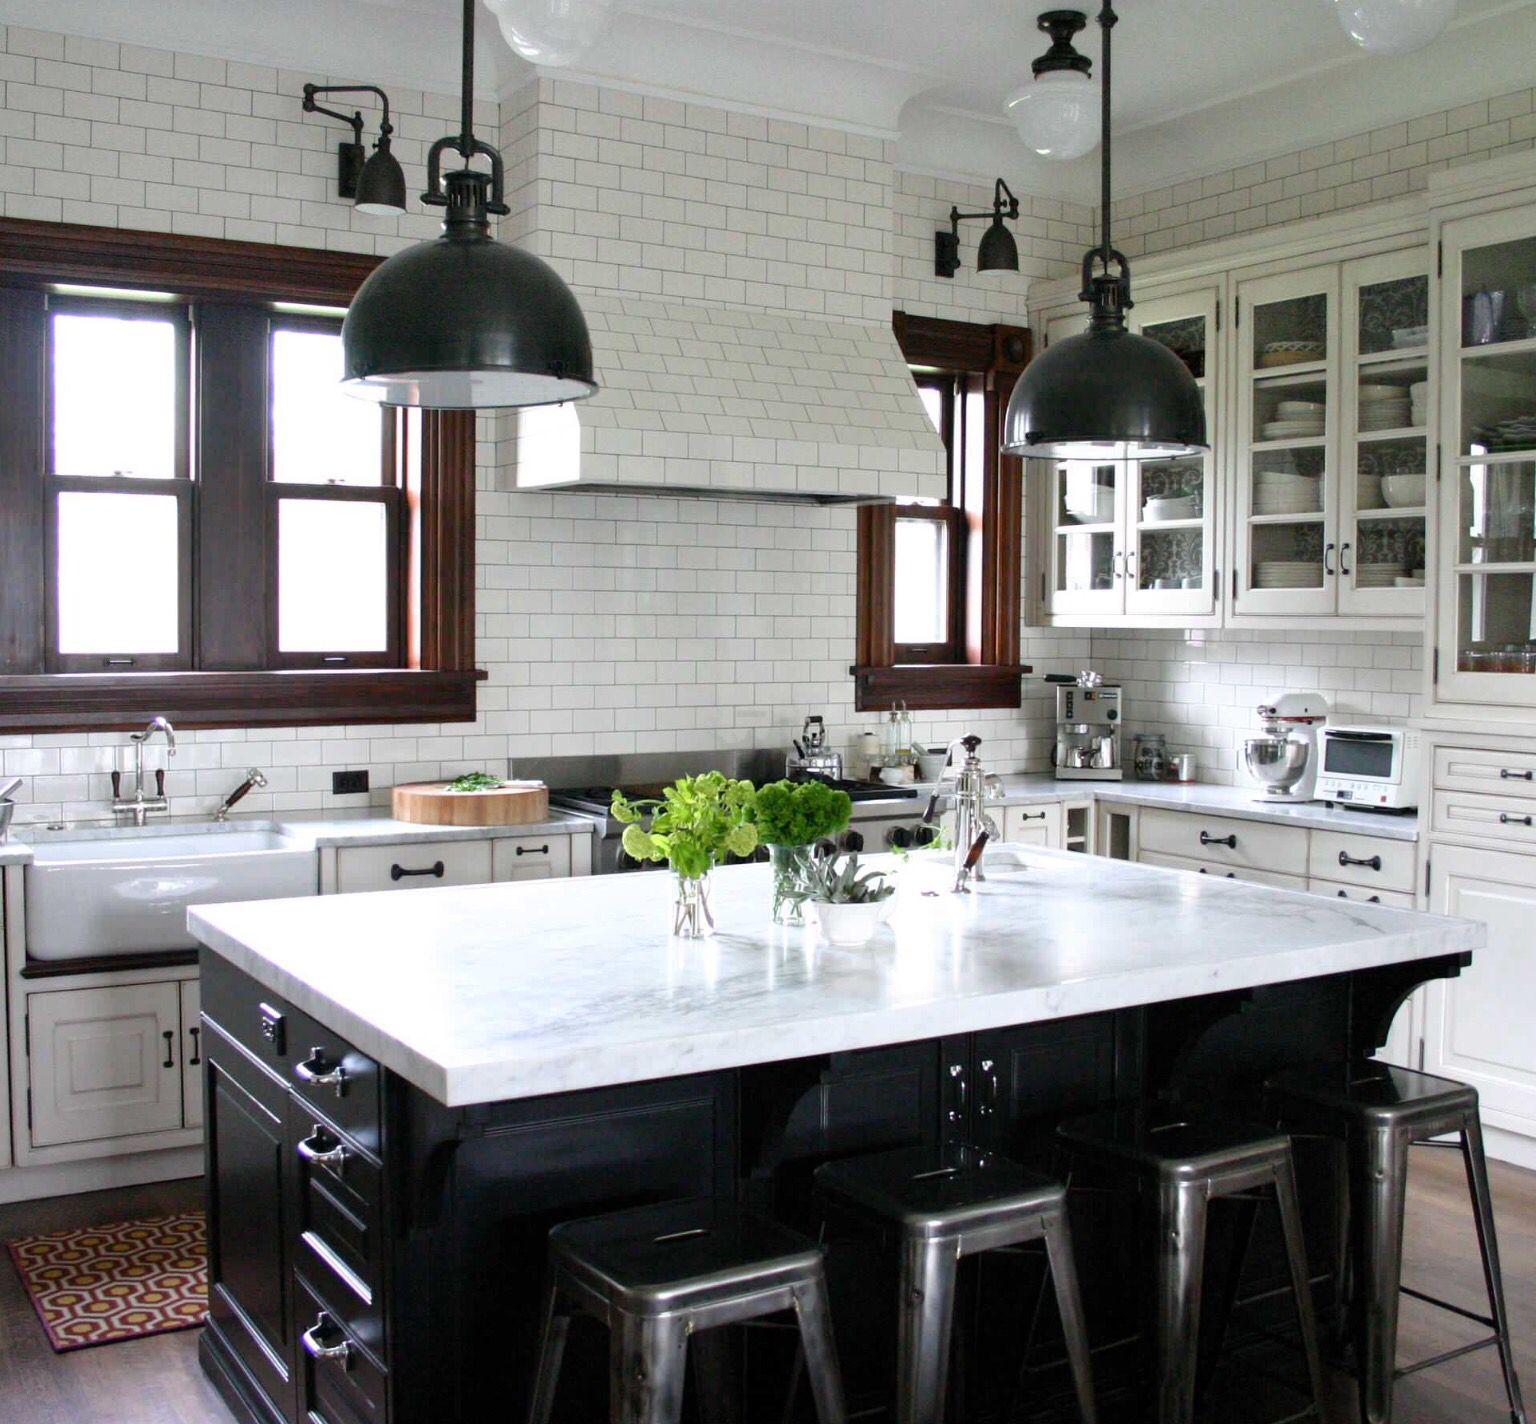 Coordinar gabinete de la cocina piso de madera de color - Dise Os De La Cocina Del Pa S Cocinas Pa S Cocinas De Galera Cocinas Peque As Ideas De Cocina Estilo Contempor Neo Houzz Islas De Cocina